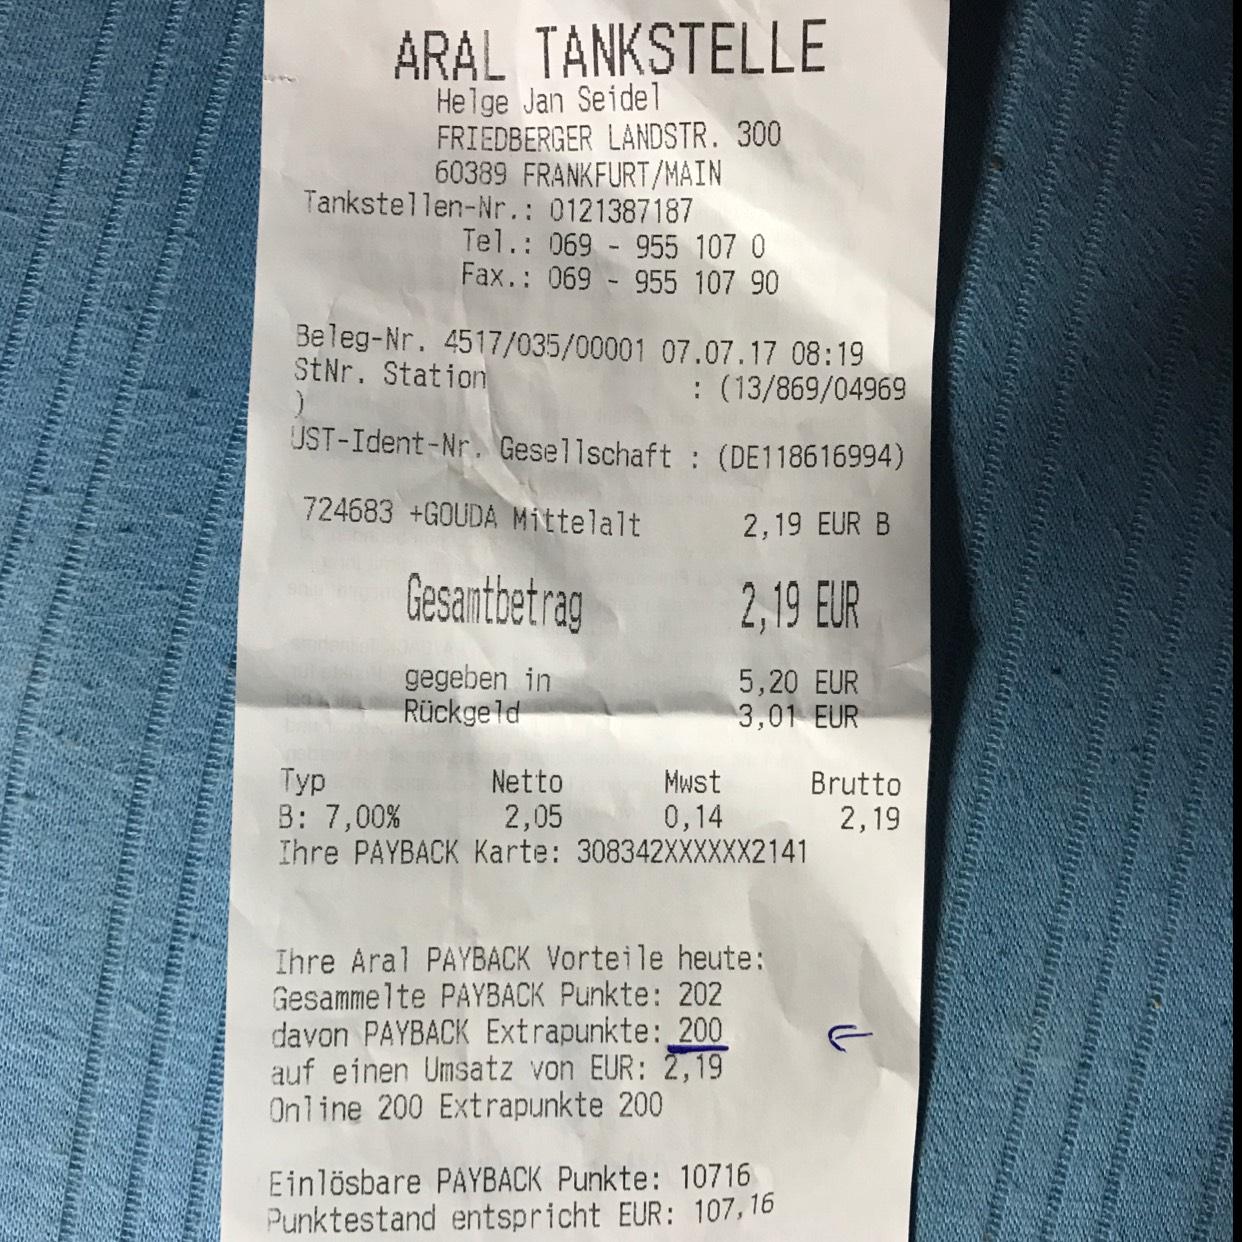 Fast kostenlos käse, joghurt, brötchen bei Rewe to go in aral tankstellen dank payback-coupon